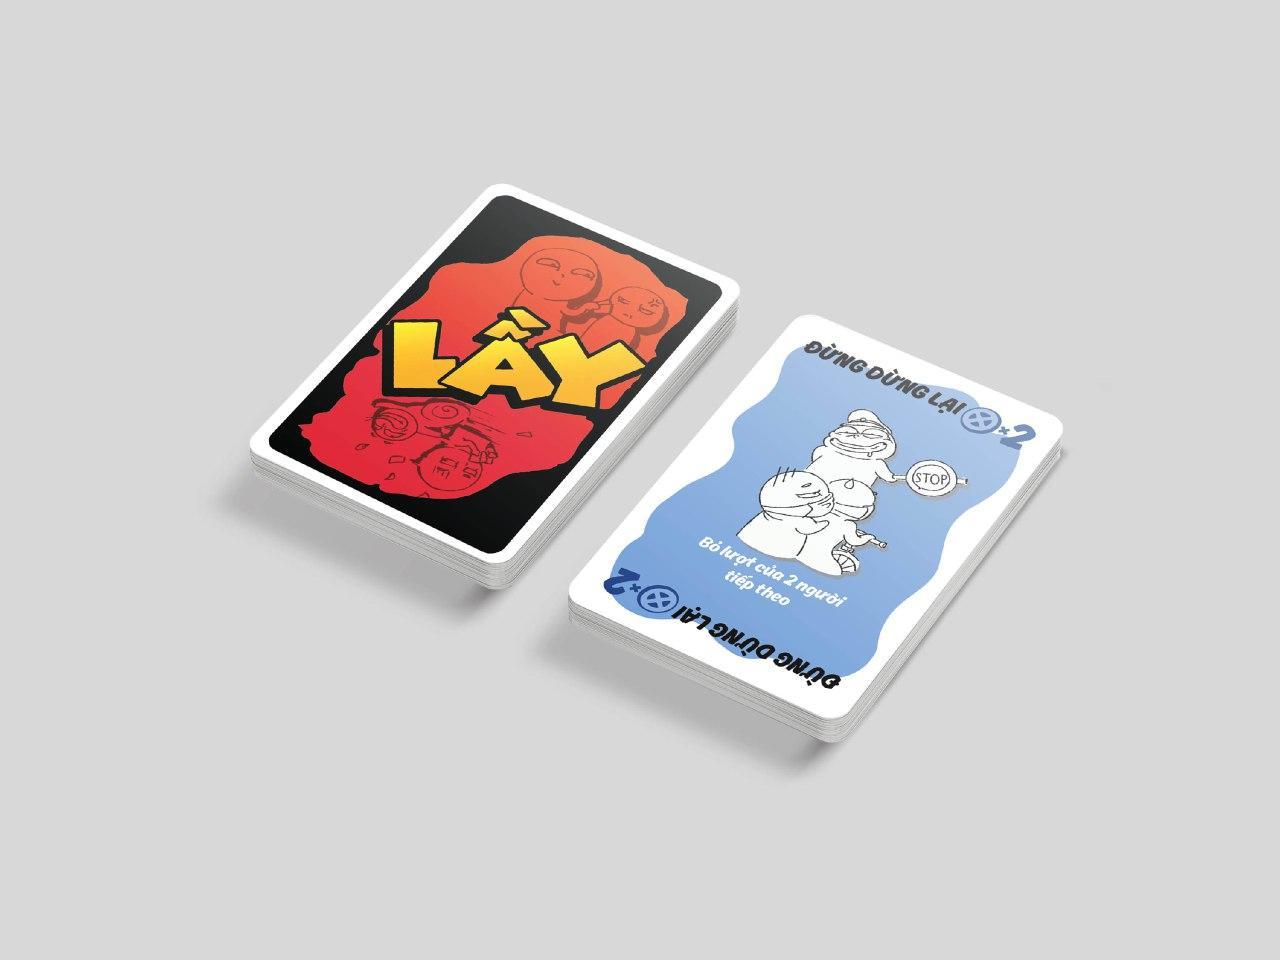 Thẻ bài Lội - Bản mở rộng của Lầy - BoardgameVN